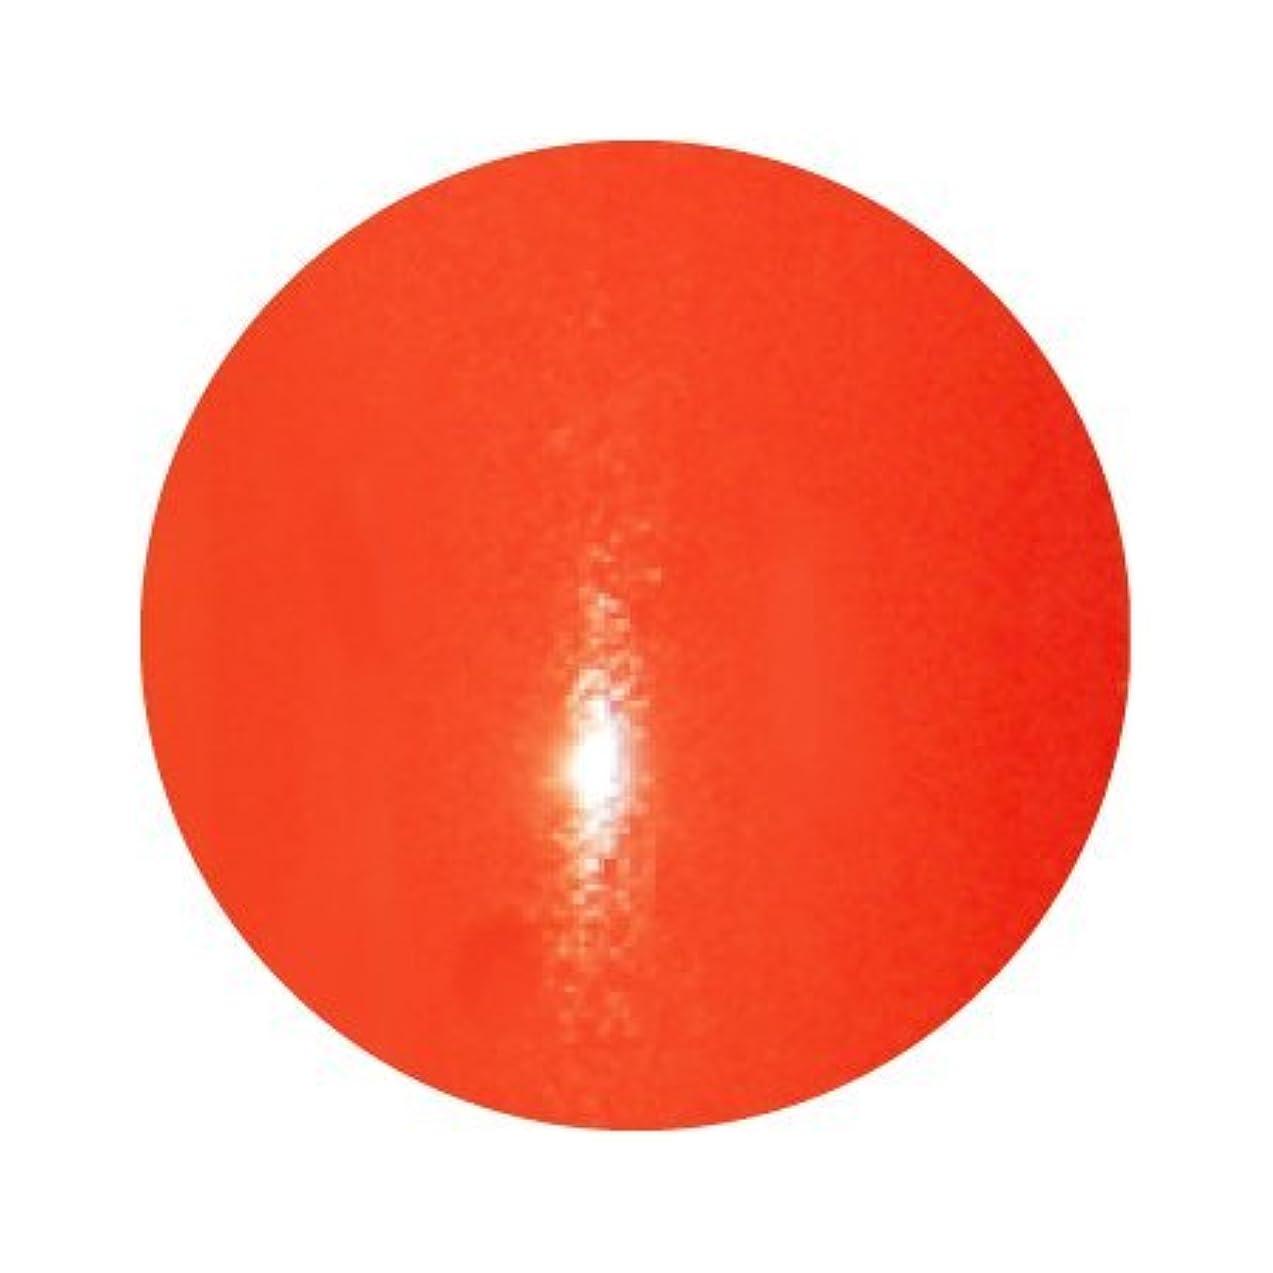 影のある抱擁損失ジェルネイル カラージェル プリジェル PREGEL スーパーカラーEX PG-SE811 マリーゴールド 3g